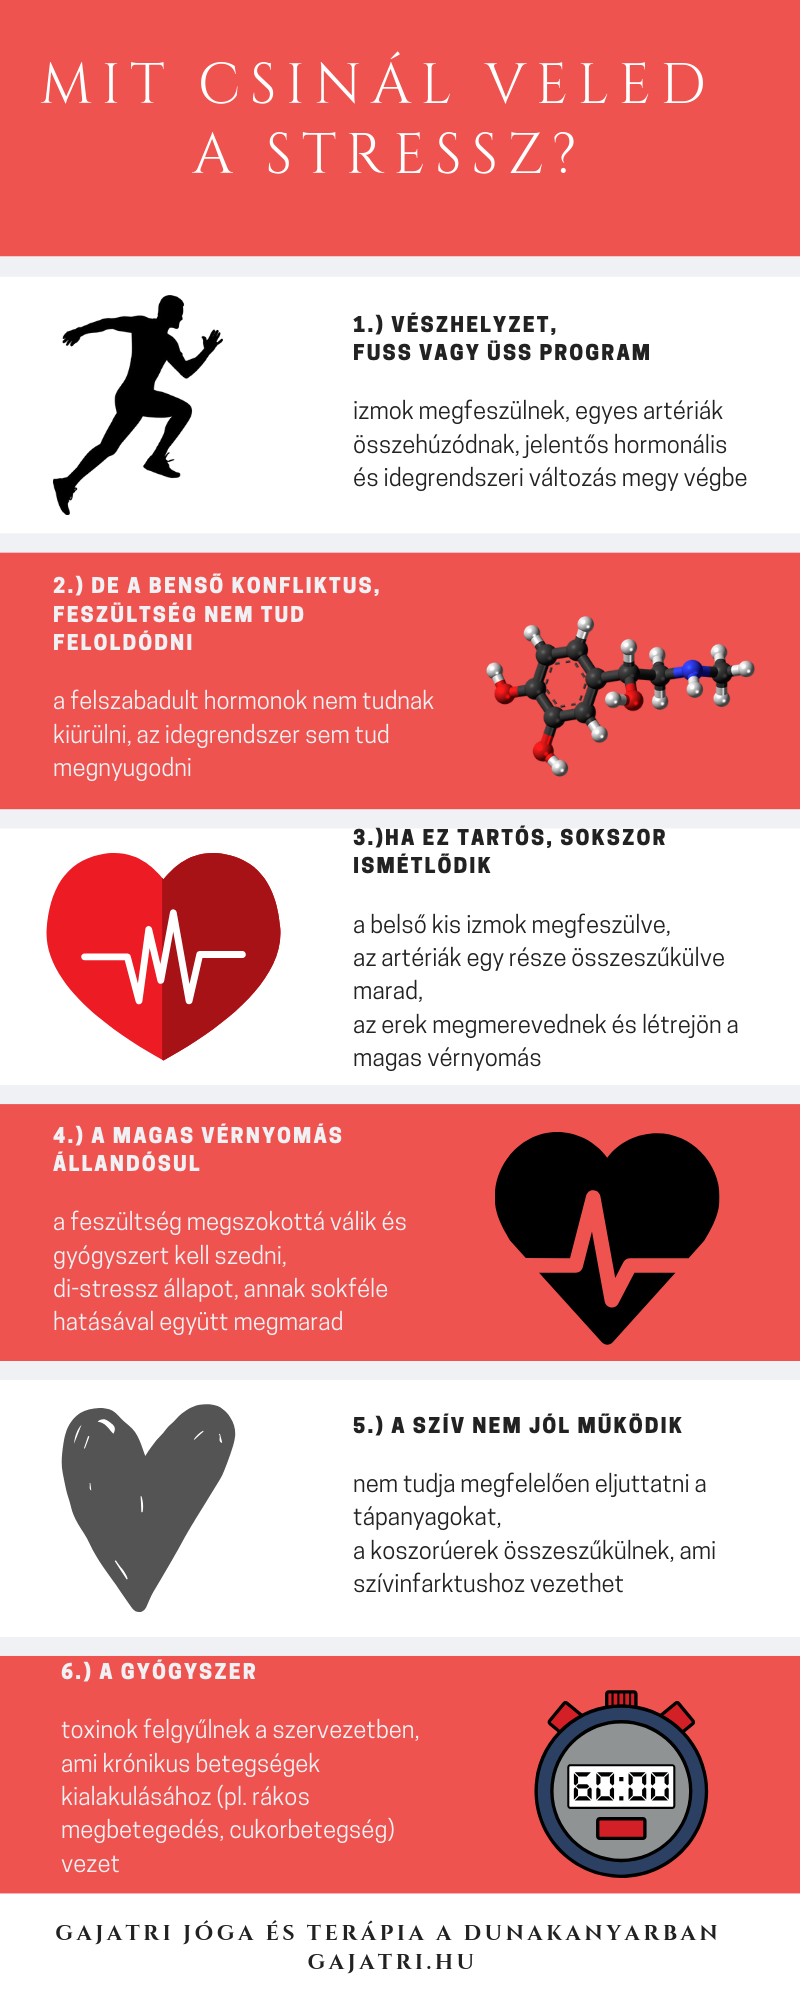 3 fokos magas vérnyomás kezelése